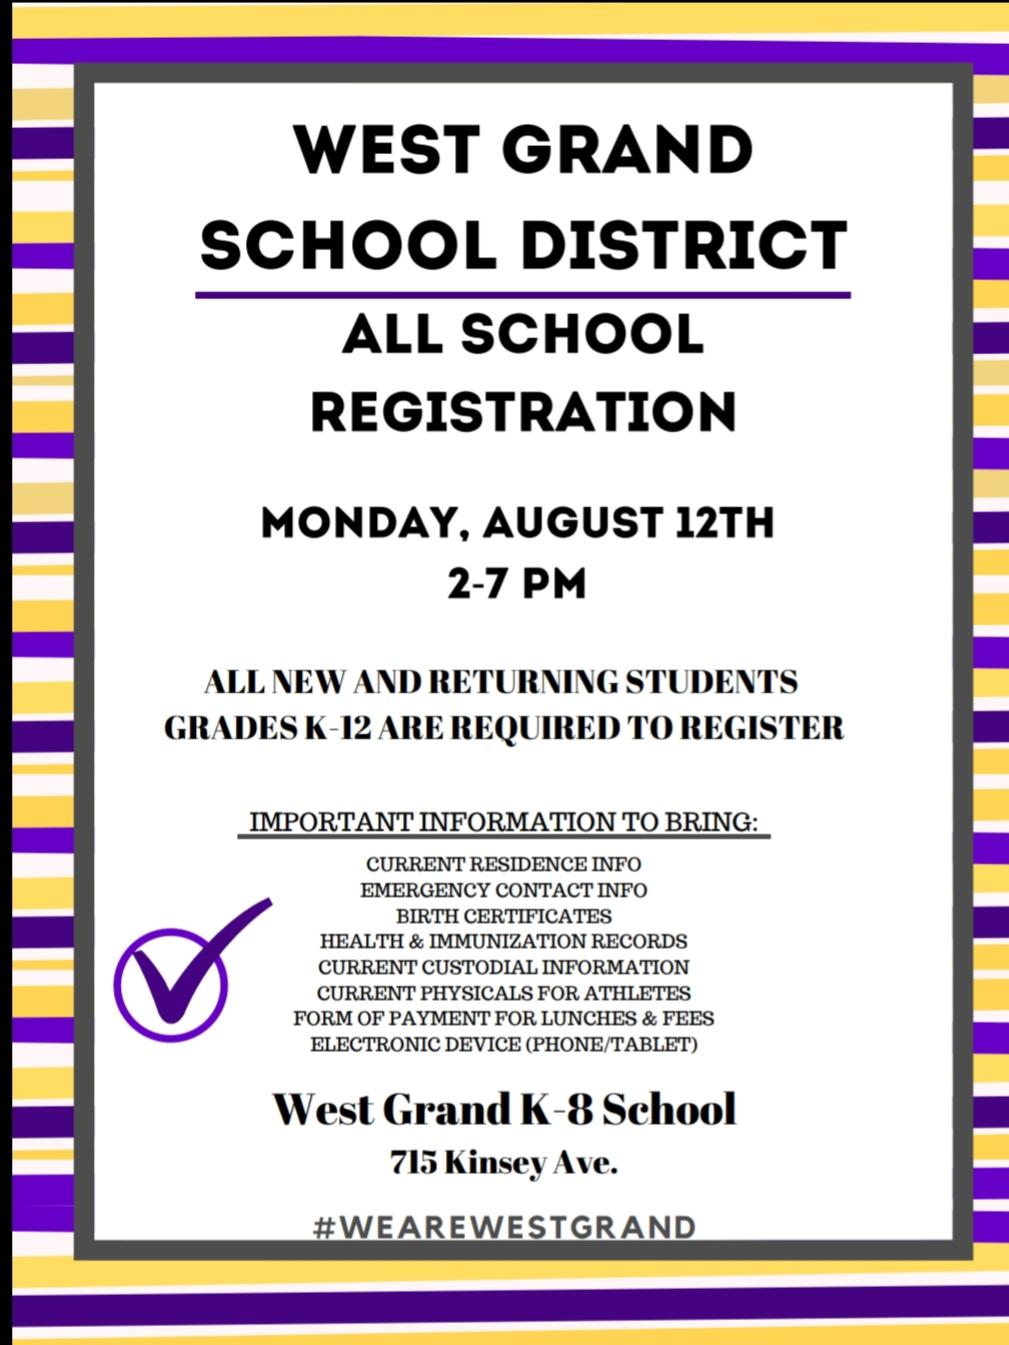 All School Registration